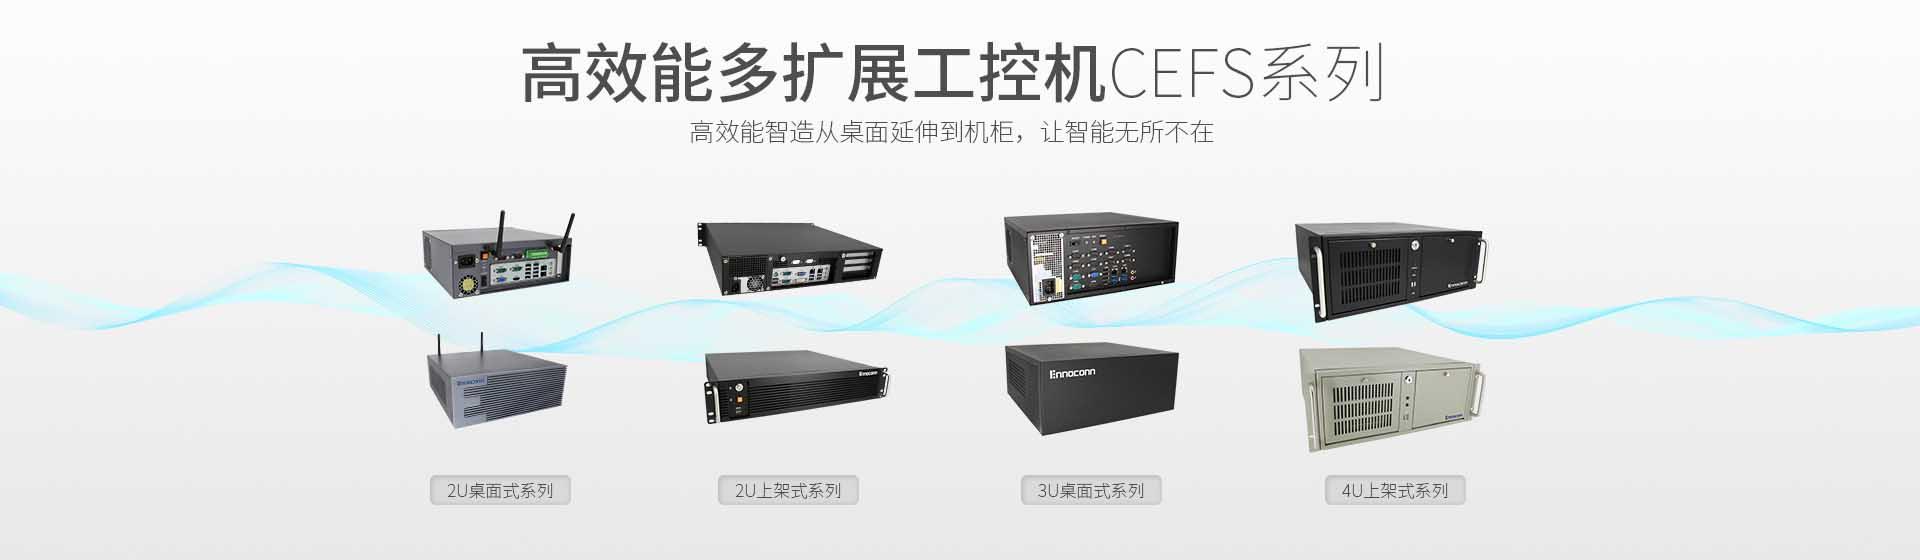 富士康工业电脑